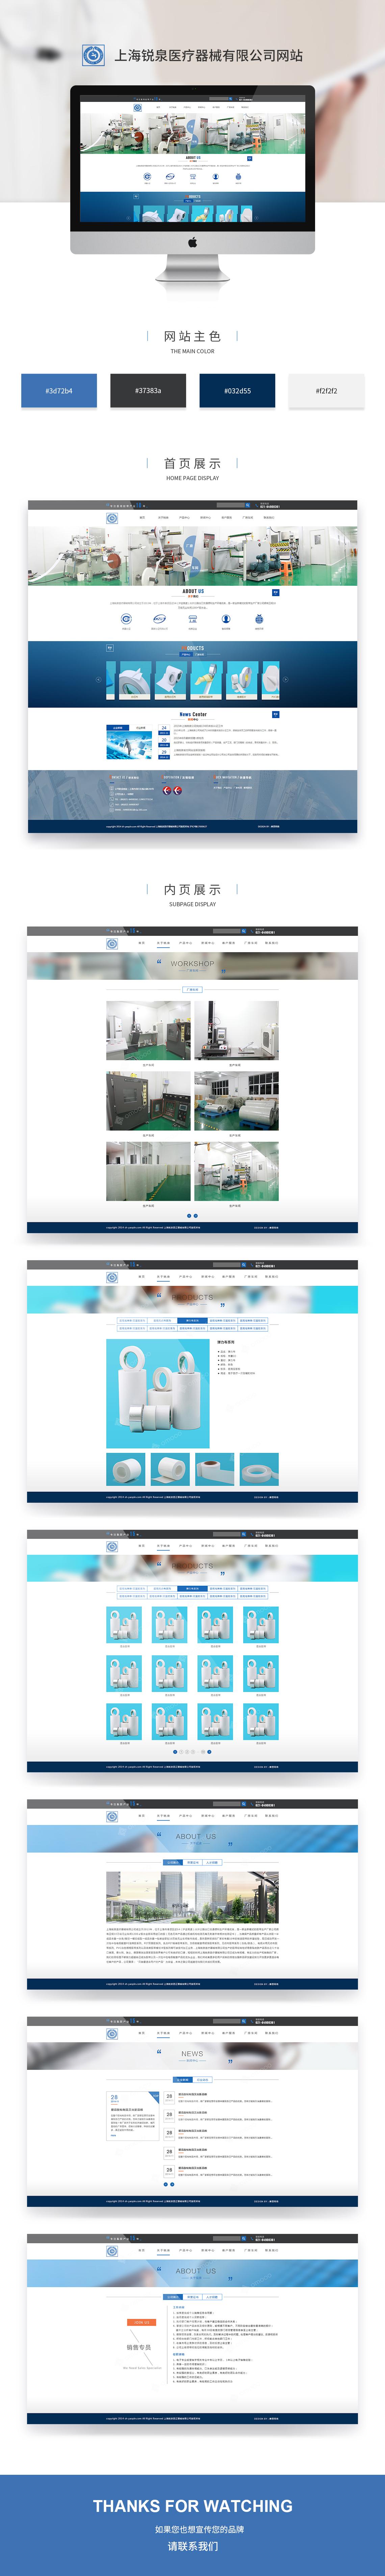 公司网站建设案例之锐泉医疗器械公司